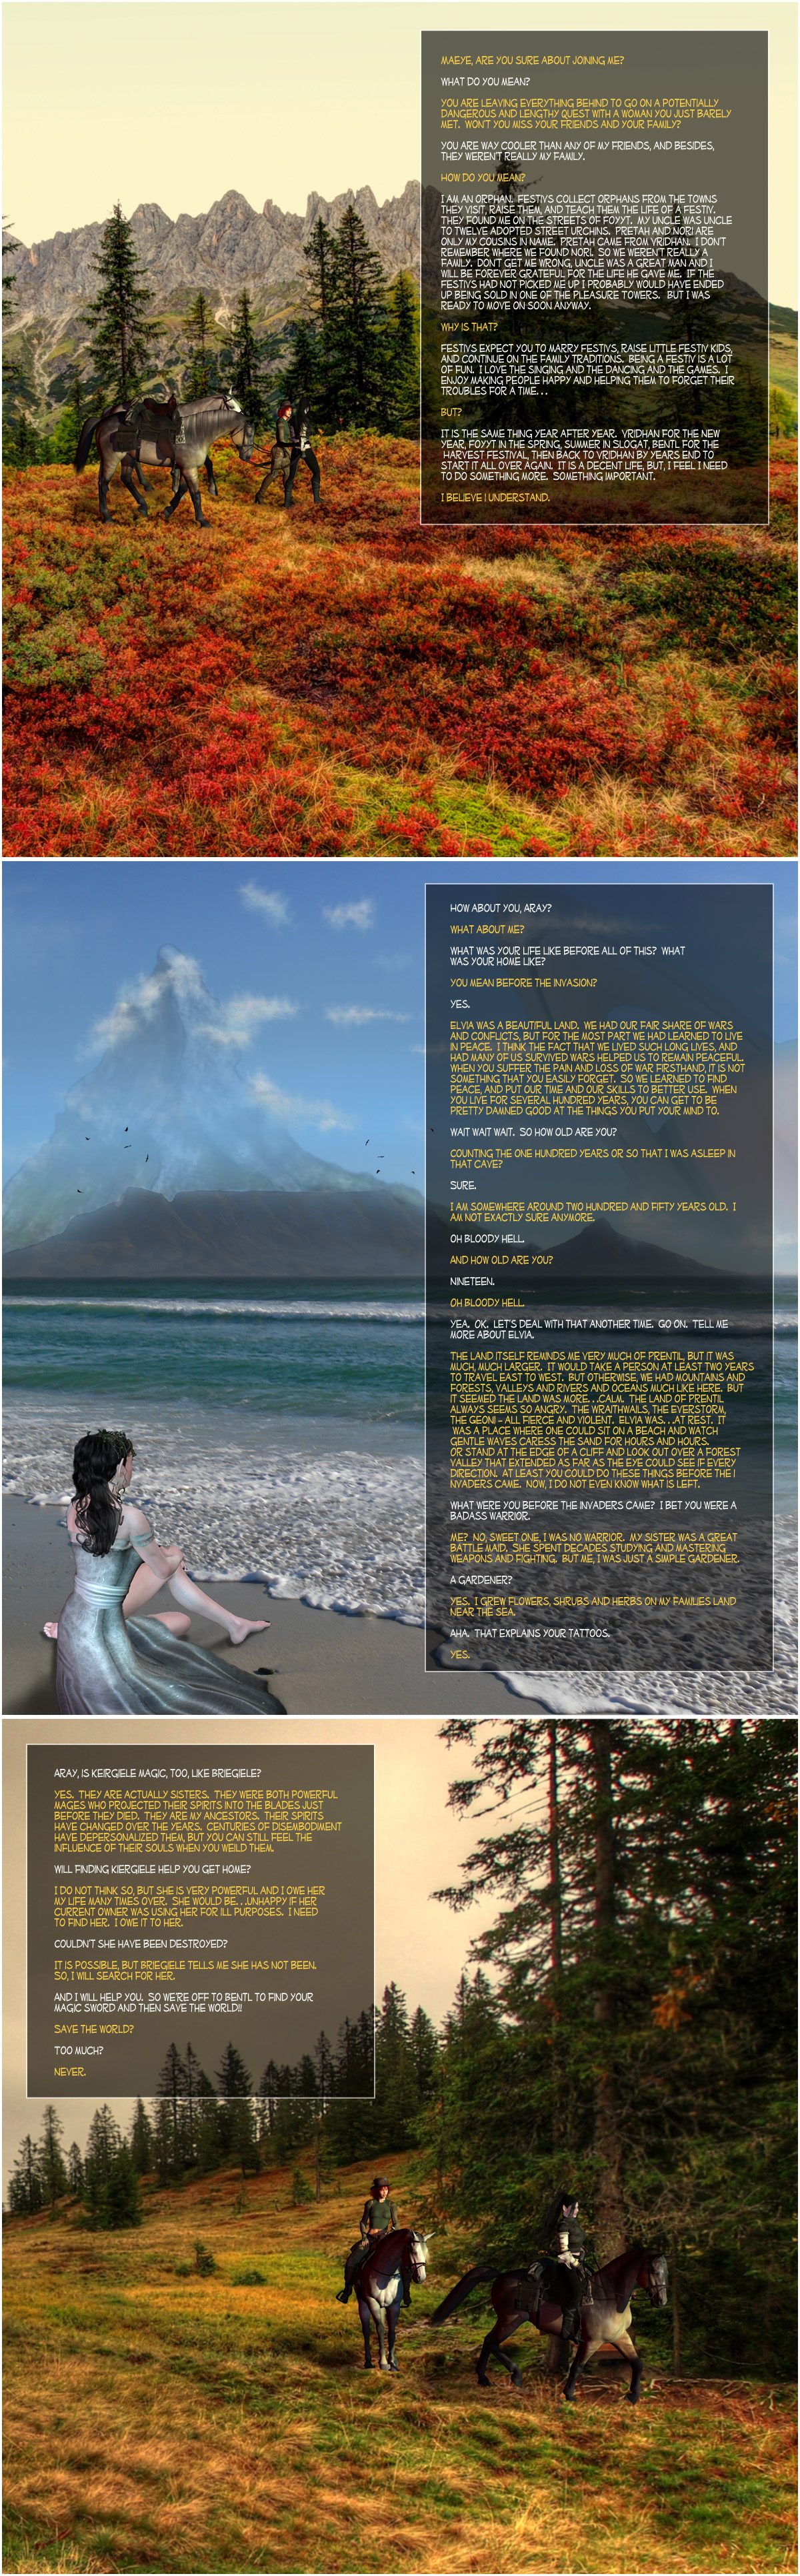 The Great Isle of Prentil, Bk1, Ch4, Pg2 by PrentilStudios